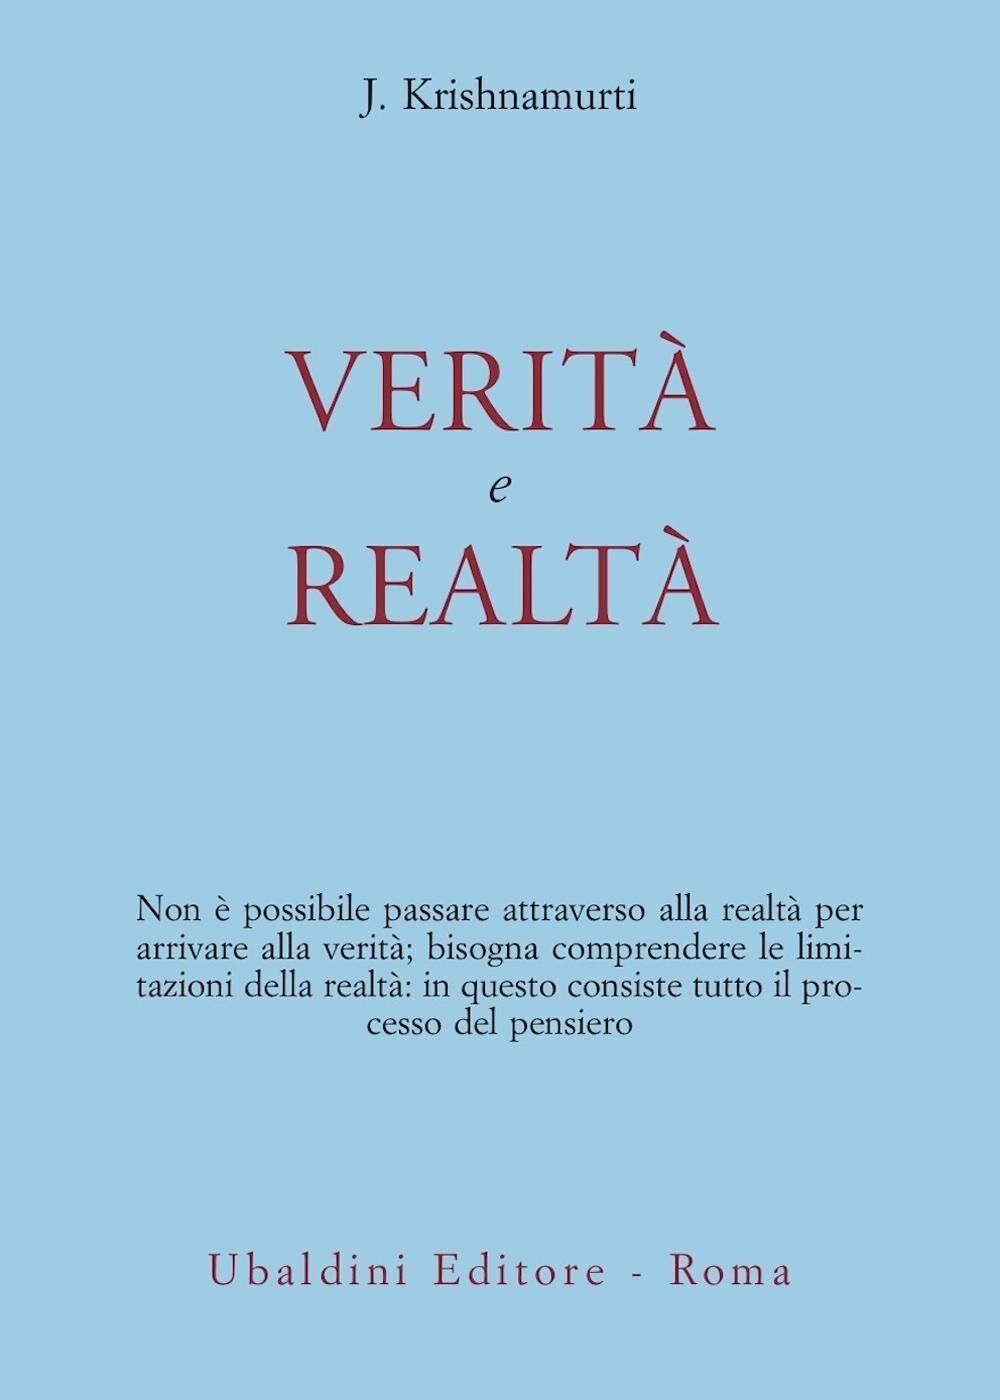 Verità e realtà